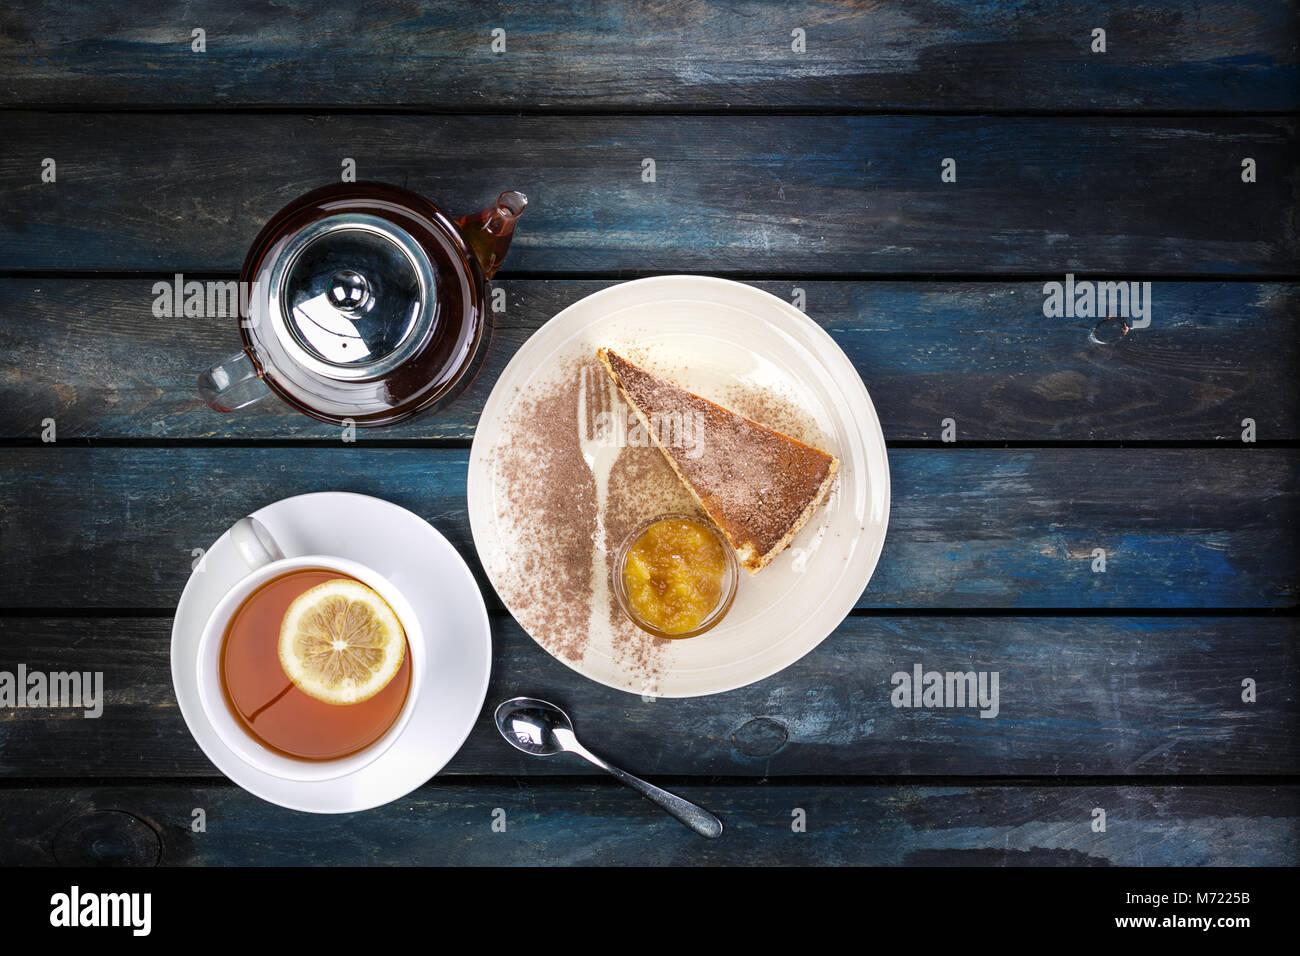 Stück Käsekuchen mit Marmelade und Tee Wasserkocher mit Zitrone auf einem farbigen Hintergrund aus Holz. Stockbild